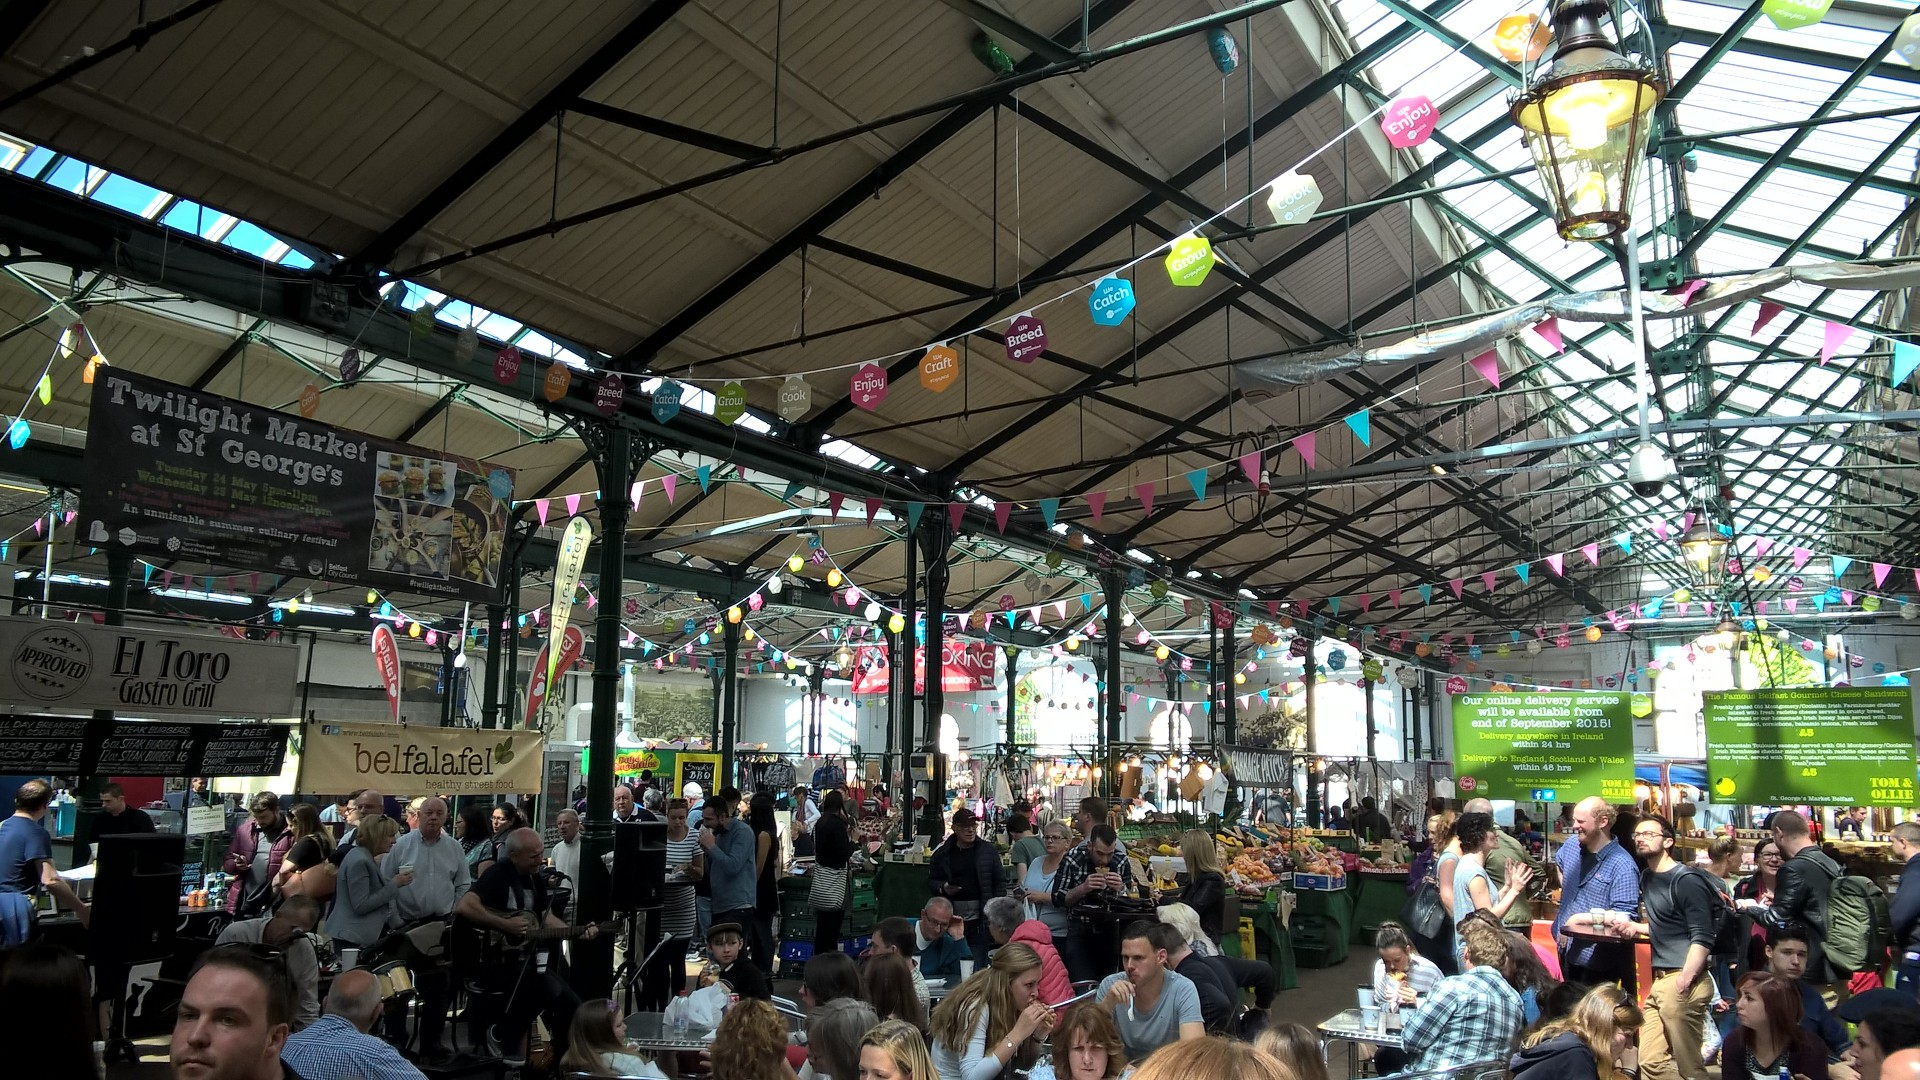 Le marché couvert Saint-Georges de Belfast